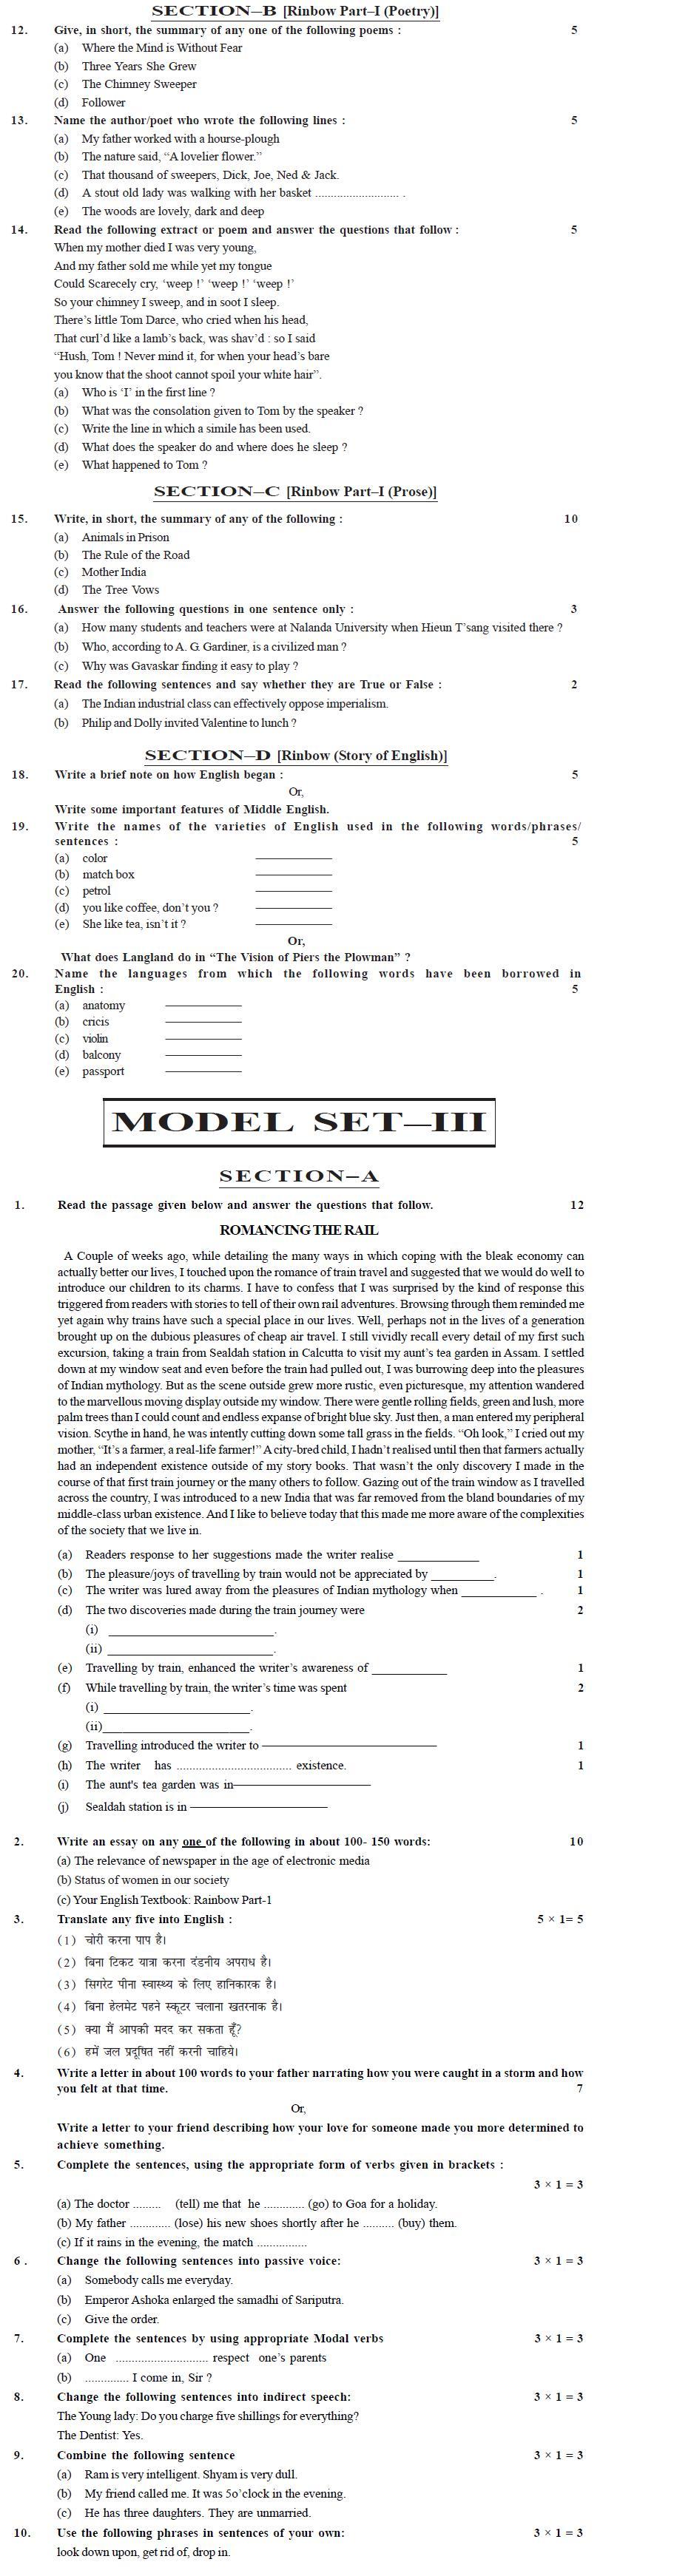 Bihar Board Class XI Humanities Model Question Papers - English